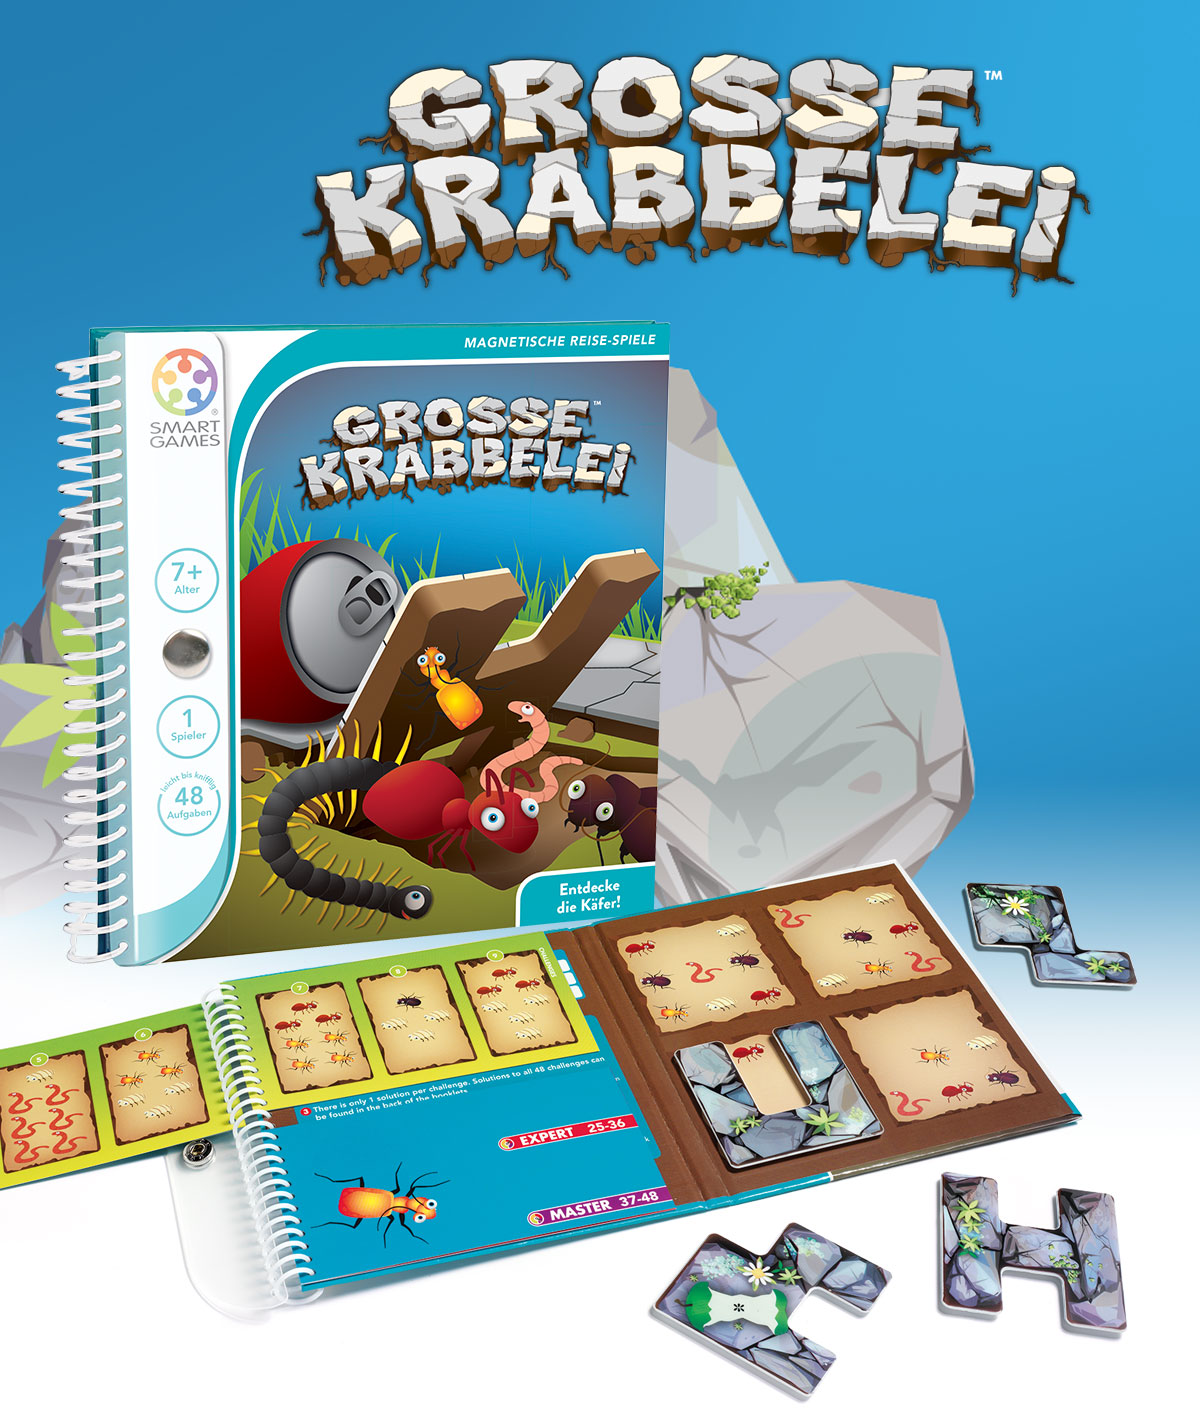 Große Krabbelei